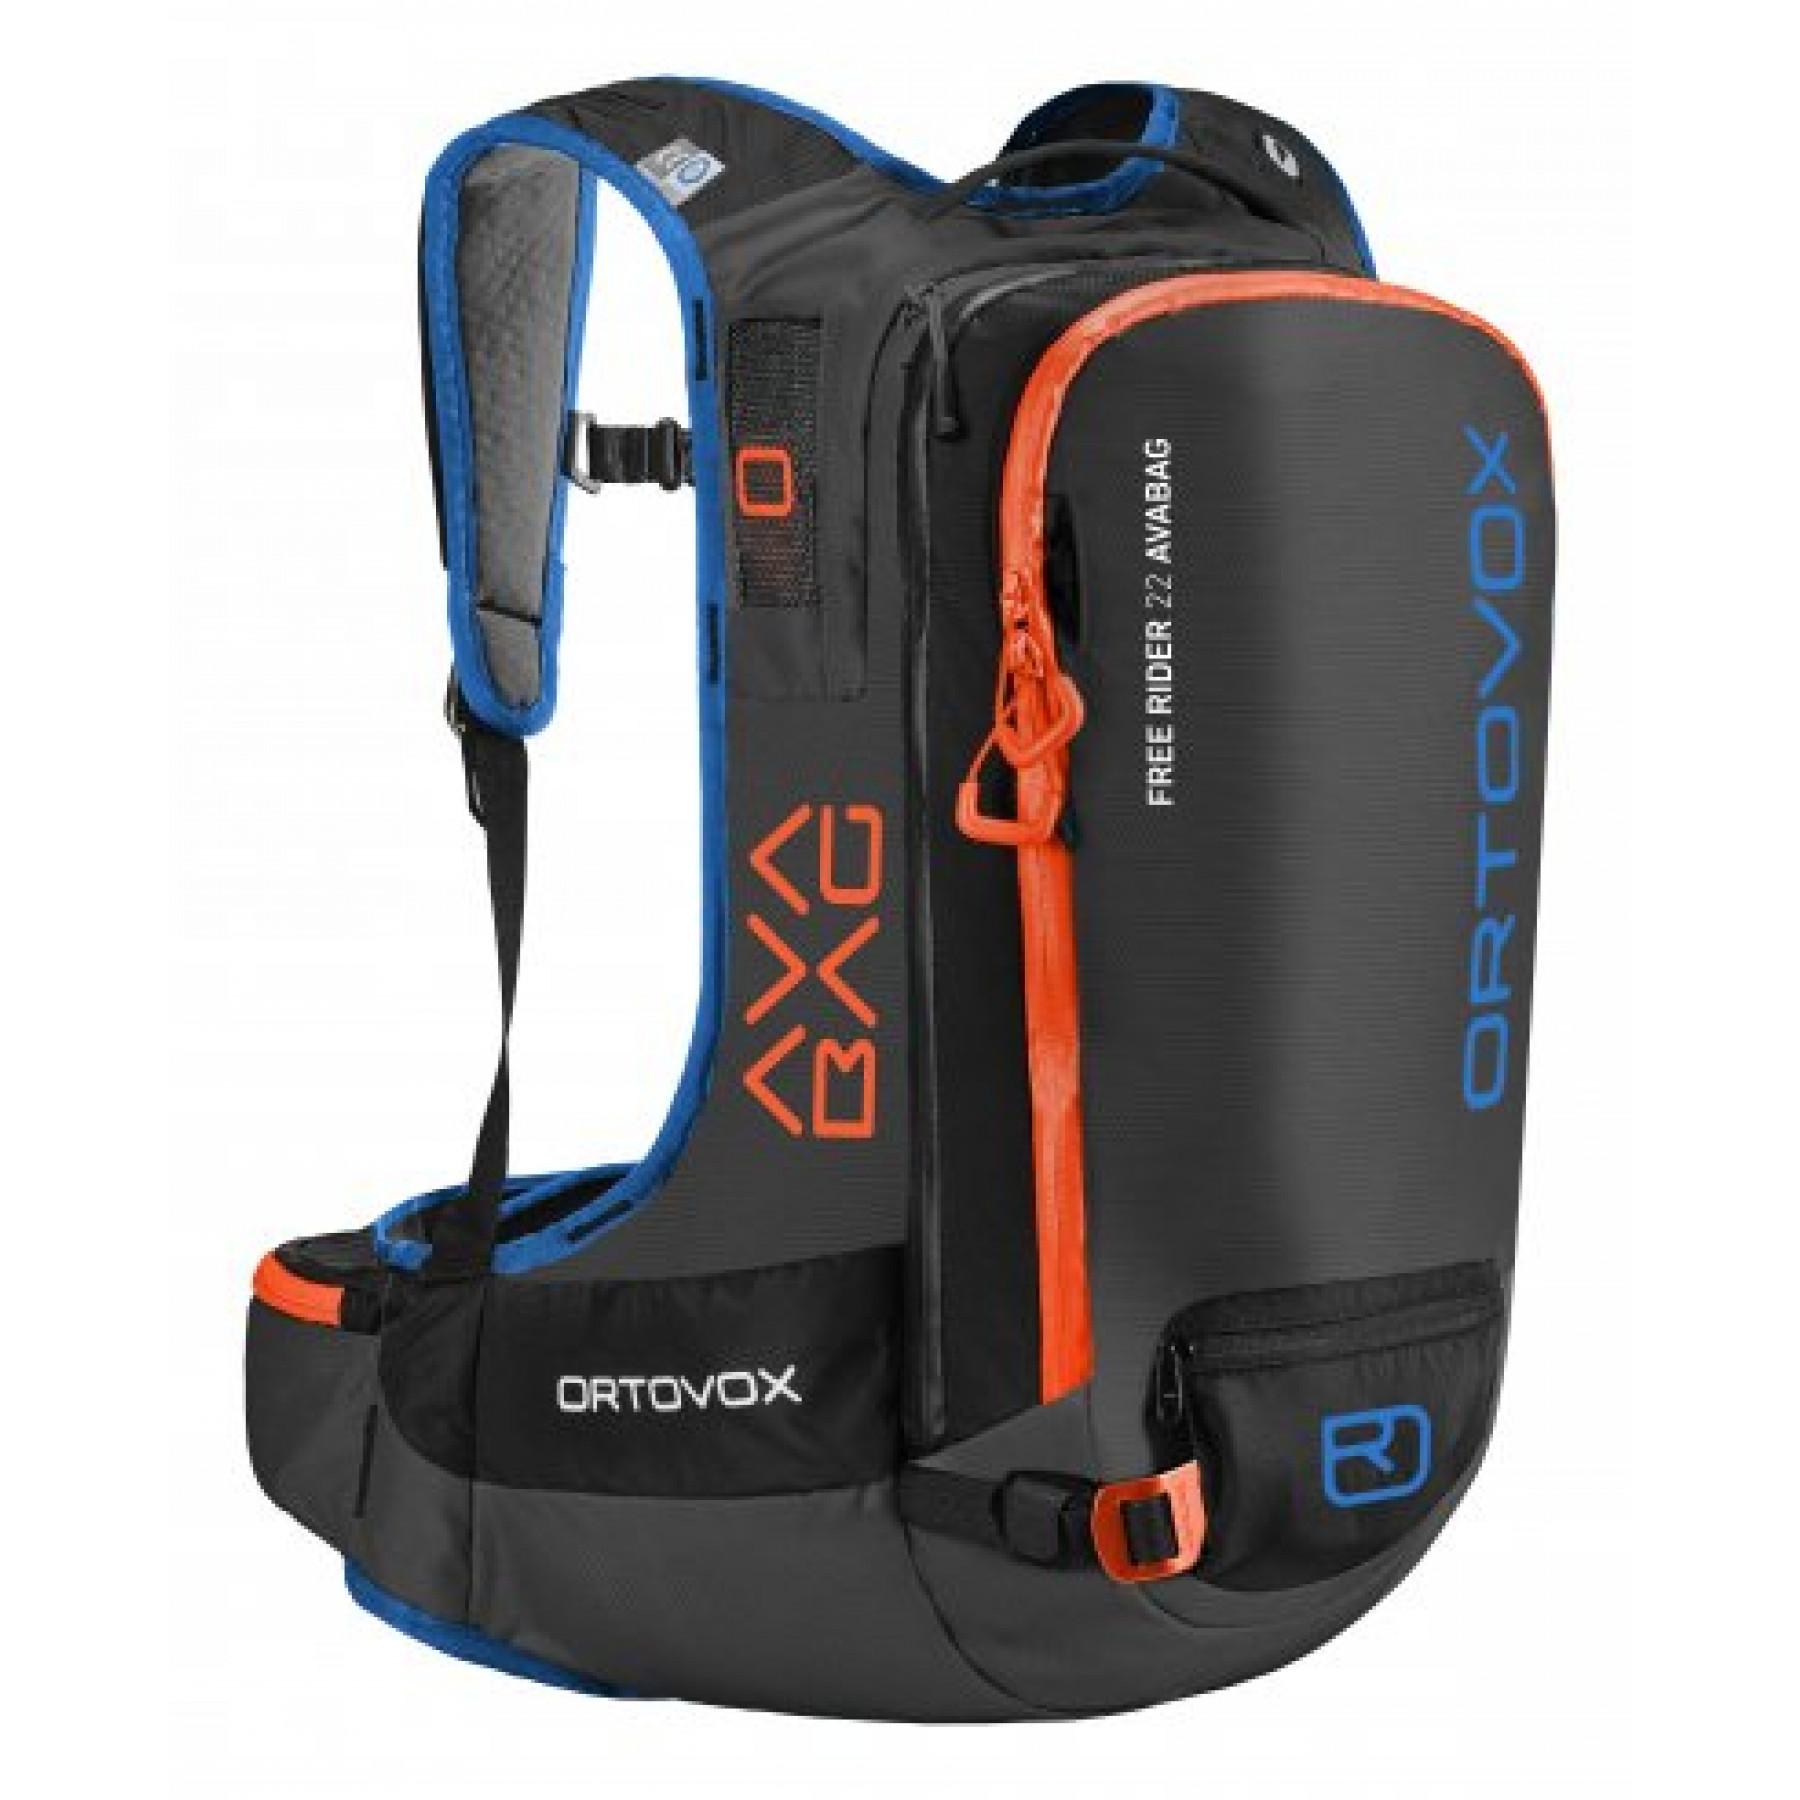 Ortovox Free Rider 18 L Ryggsekk Ryggsekker Sekker